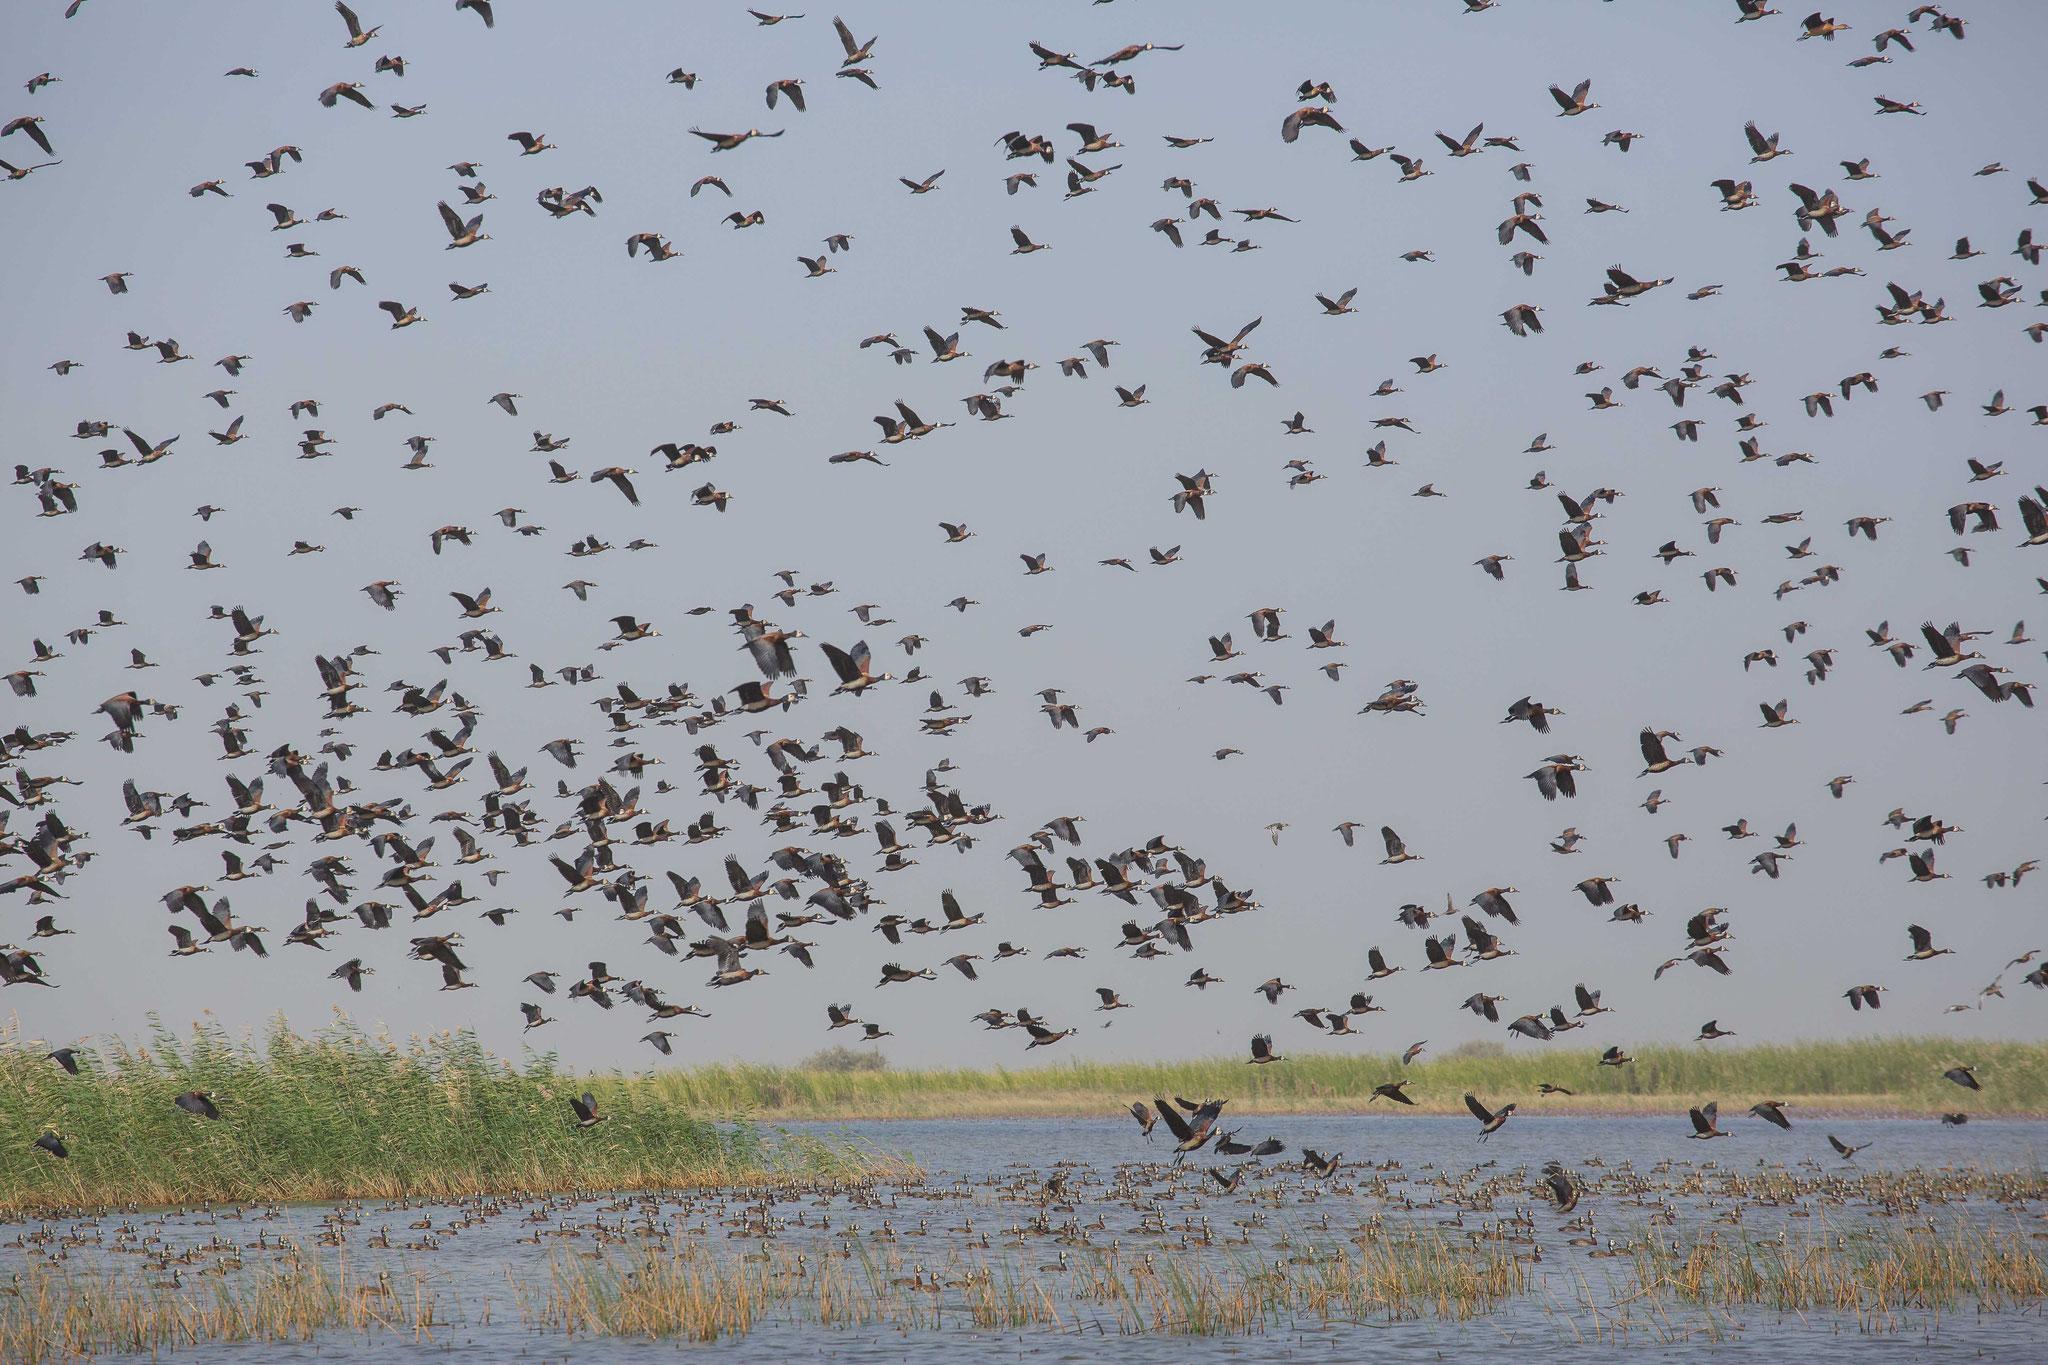 Dendrocygnes au parc national des oiseaux du Djoudj